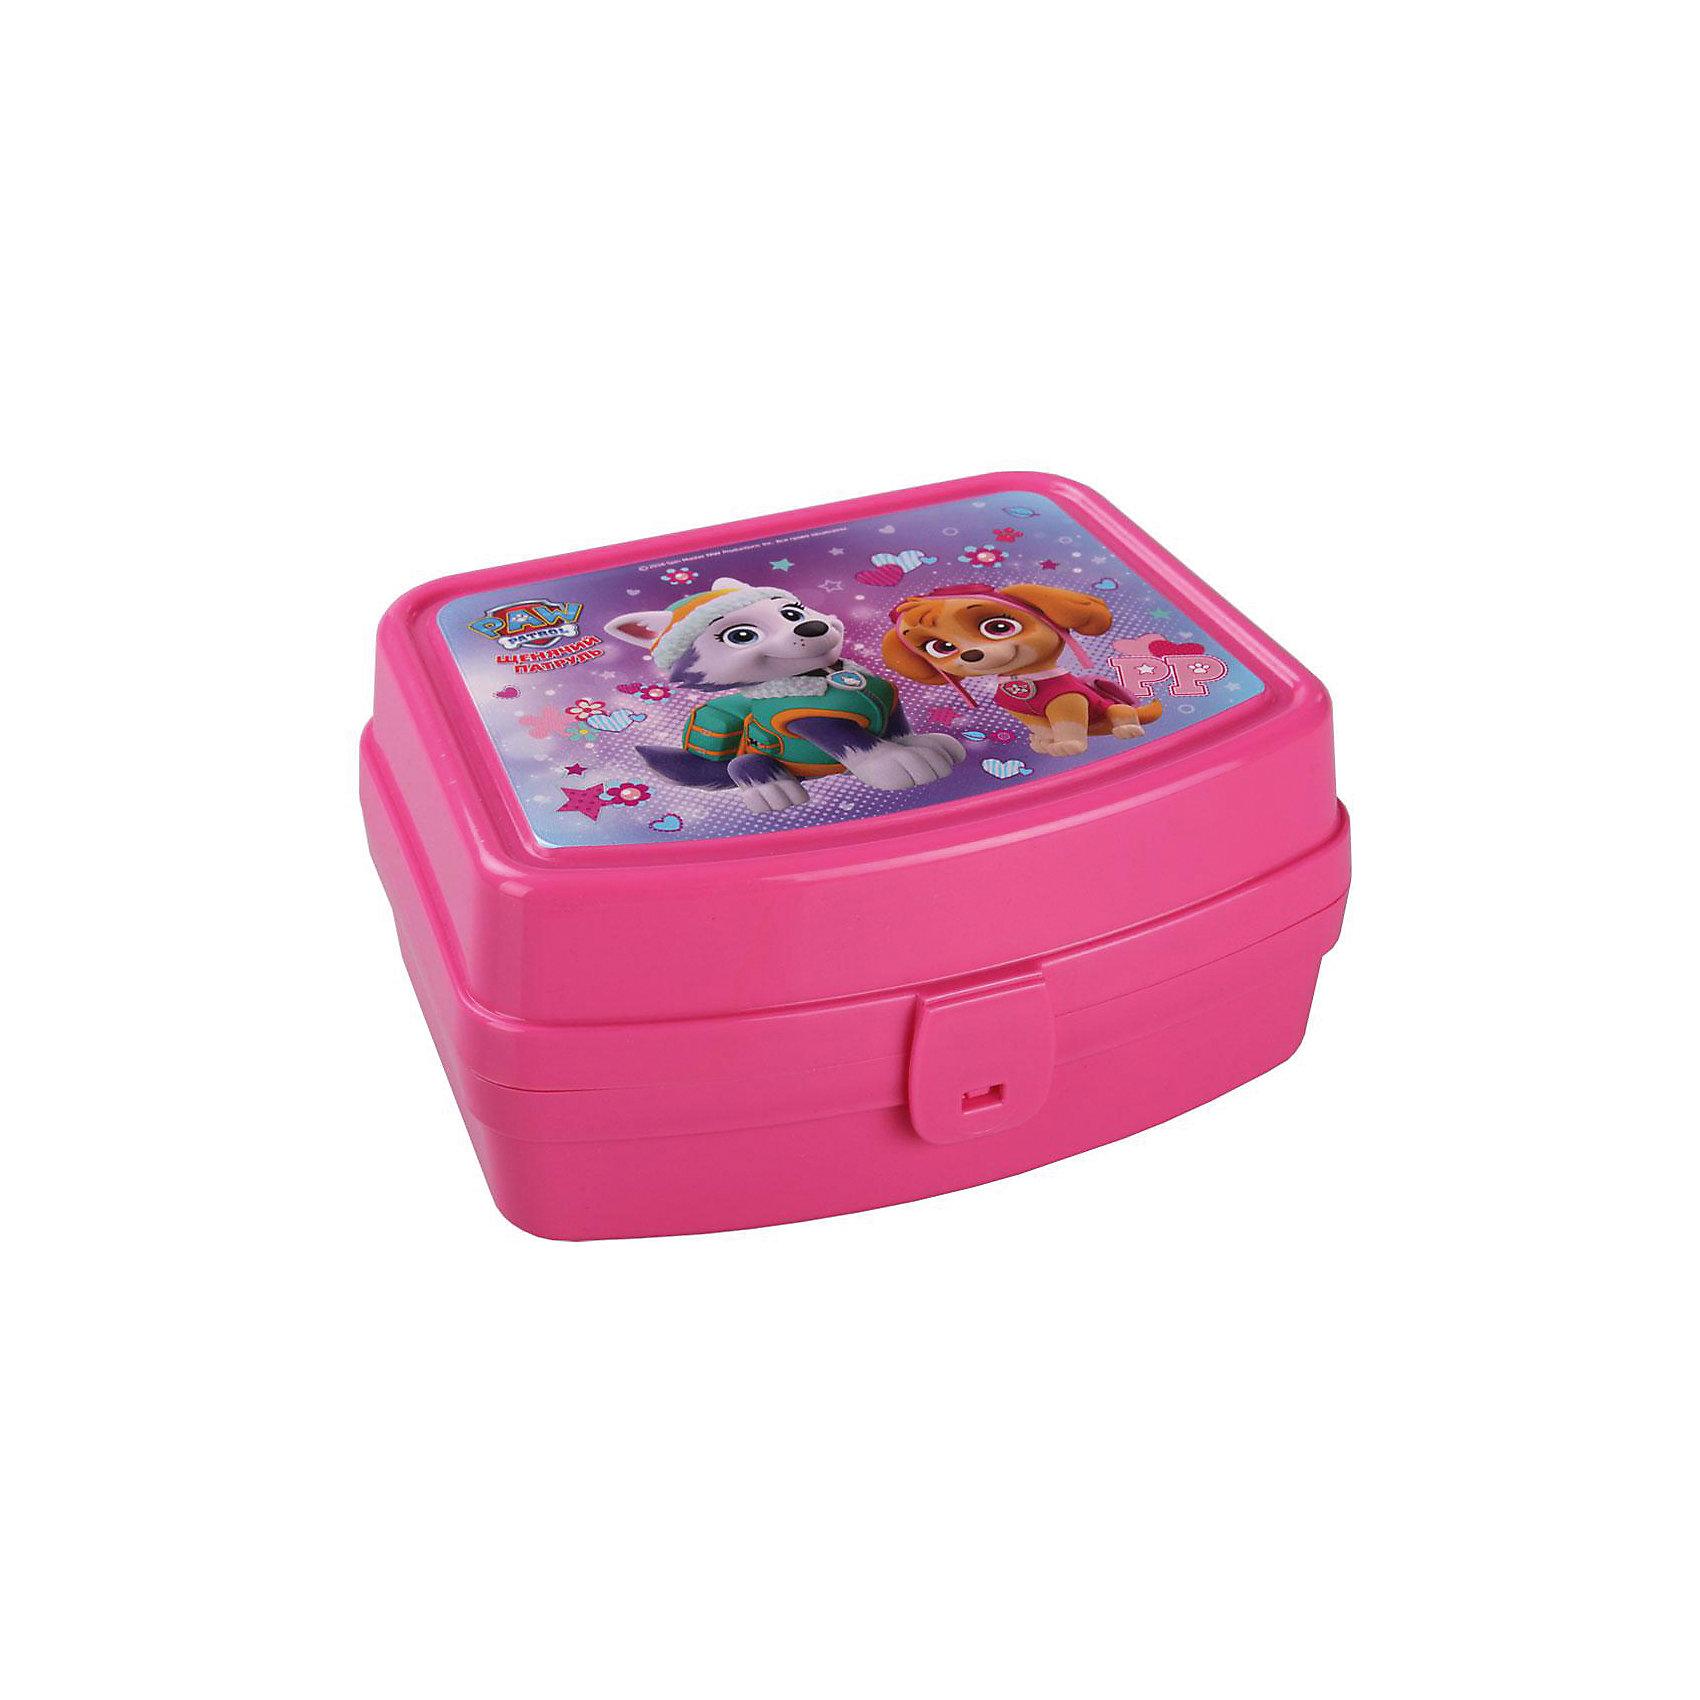 Шкатулка игрушечная Щенячий патруль, AlternativaПредметы интерьера<br>Шкатулка игрушечная Щенячий патруль, Alternativa.<br><br>Характеристики:<br><br>• Для детей в возрасте: от 3 до 7 лет<br>• Материал: пластик<br>• Цвет: розовый<br>• Размер: 16,5х13,5х8 см.<br>• Вес: 139 гр.<br><br>Яркая прямоугольная шкатулка с изображением щенков-спасателей из мультсериала Щенячий патруль порадует Вашего ребенка. Она отлично подойдет для хранения самых ценных вещей малышки. Шкатулка изготовлена из безопасного пластика, плотно закрывается крышкой с удобным замком. Она компактна, не занимает много места. Соответствует требованиям безопасности и стандартам качества продукции.<br><br>Шкатулку игрушечную Щенячий патруль, Alternativa можно купить в нашем интернет-магазине.<br><br>Ширина мм: 165<br>Глубина мм: 135<br>Высота мм: 80<br>Вес г: 139<br>Возраст от месяцев: 36<br>Возраст до месяцев: 216<br>Пол: Женский<br>Возраст: Детский<br>SKU: 5614416